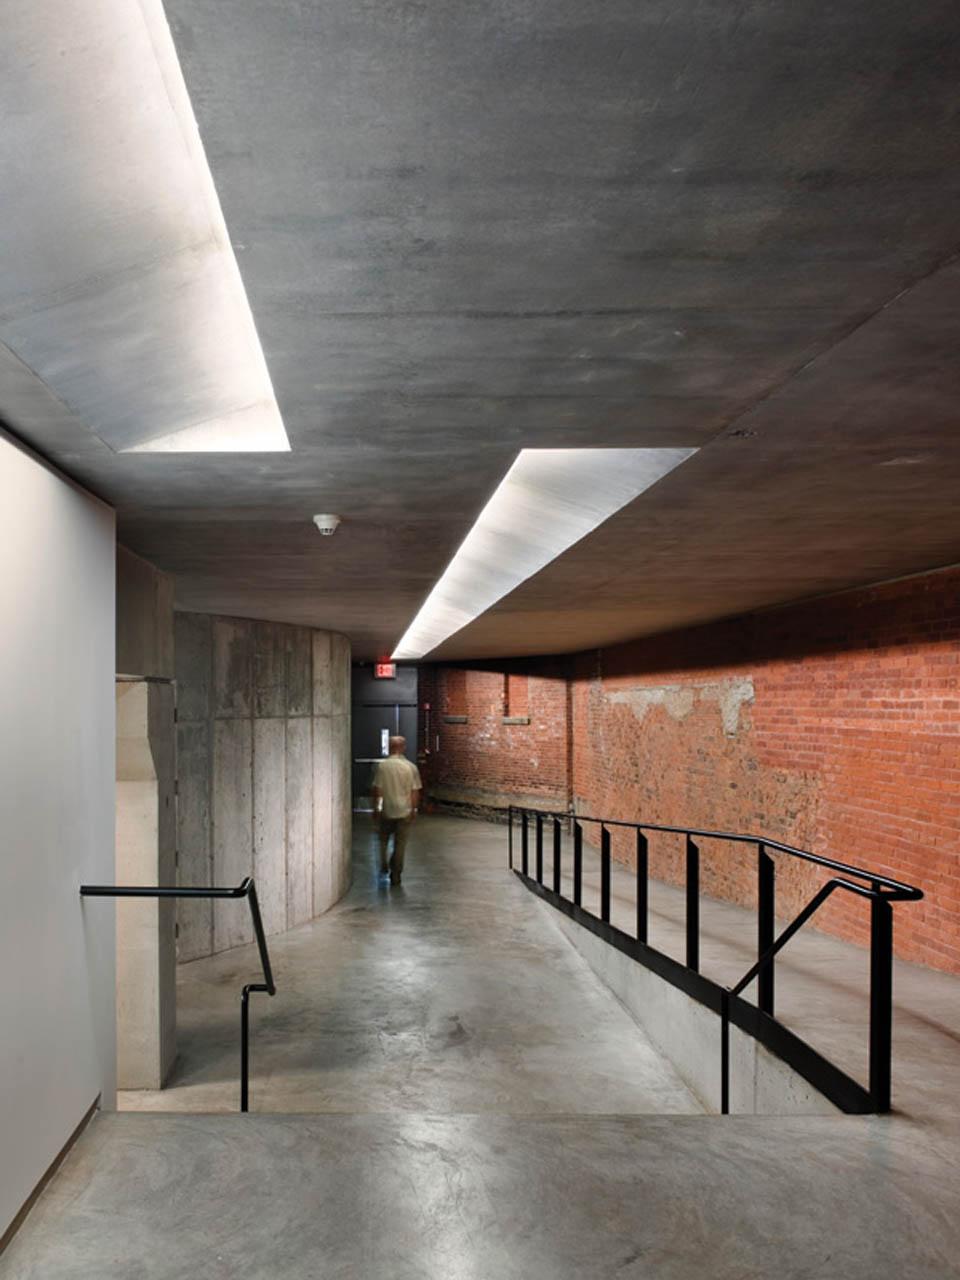 Pratt Institute Architecture And Design